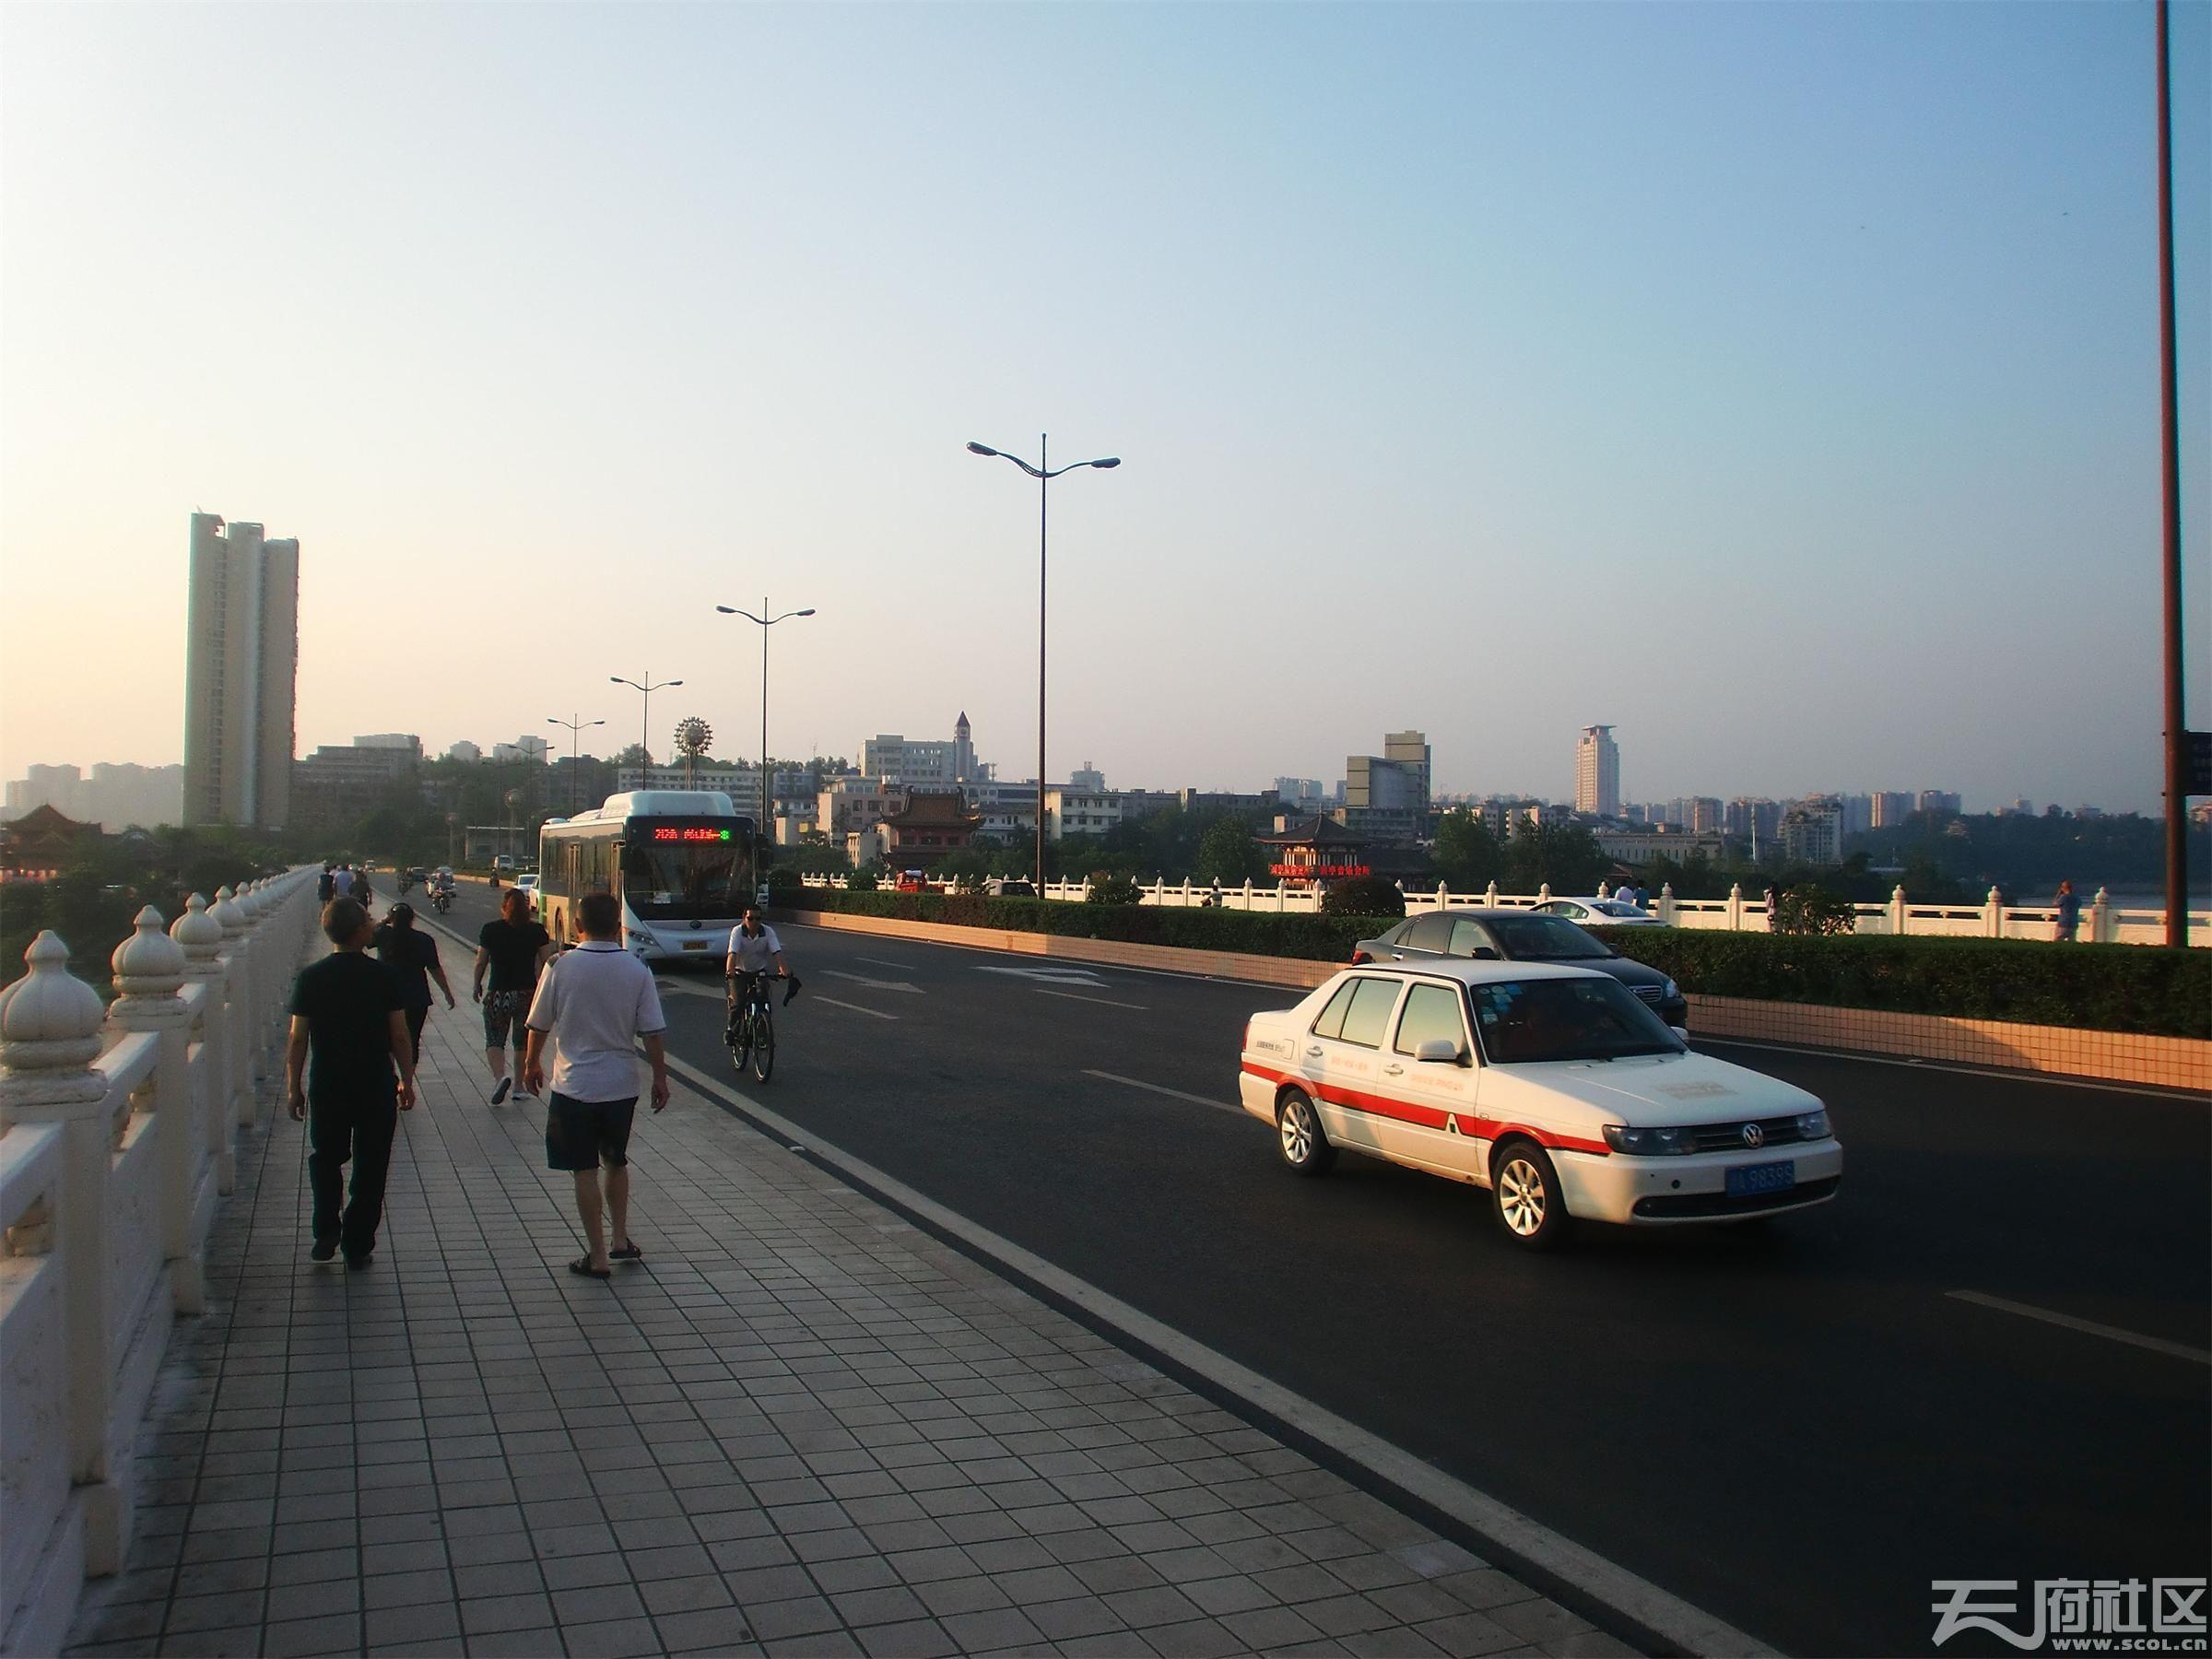 N164.jpg